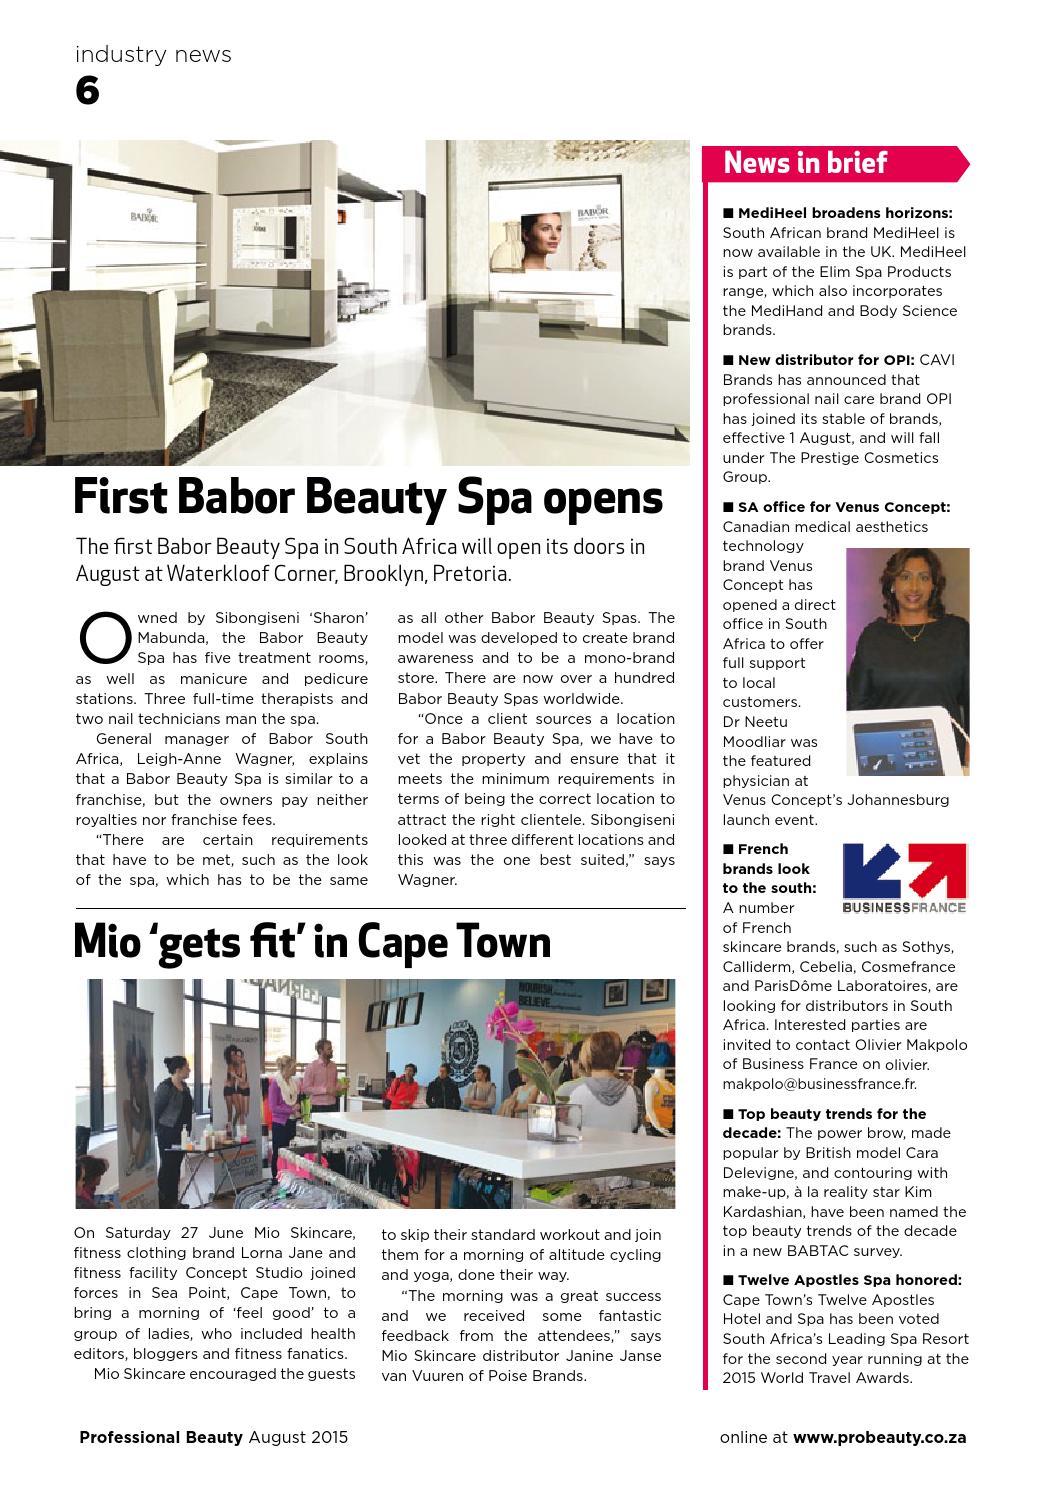 Pro beauty aug 2015 by Professional Beauty SA - issuu